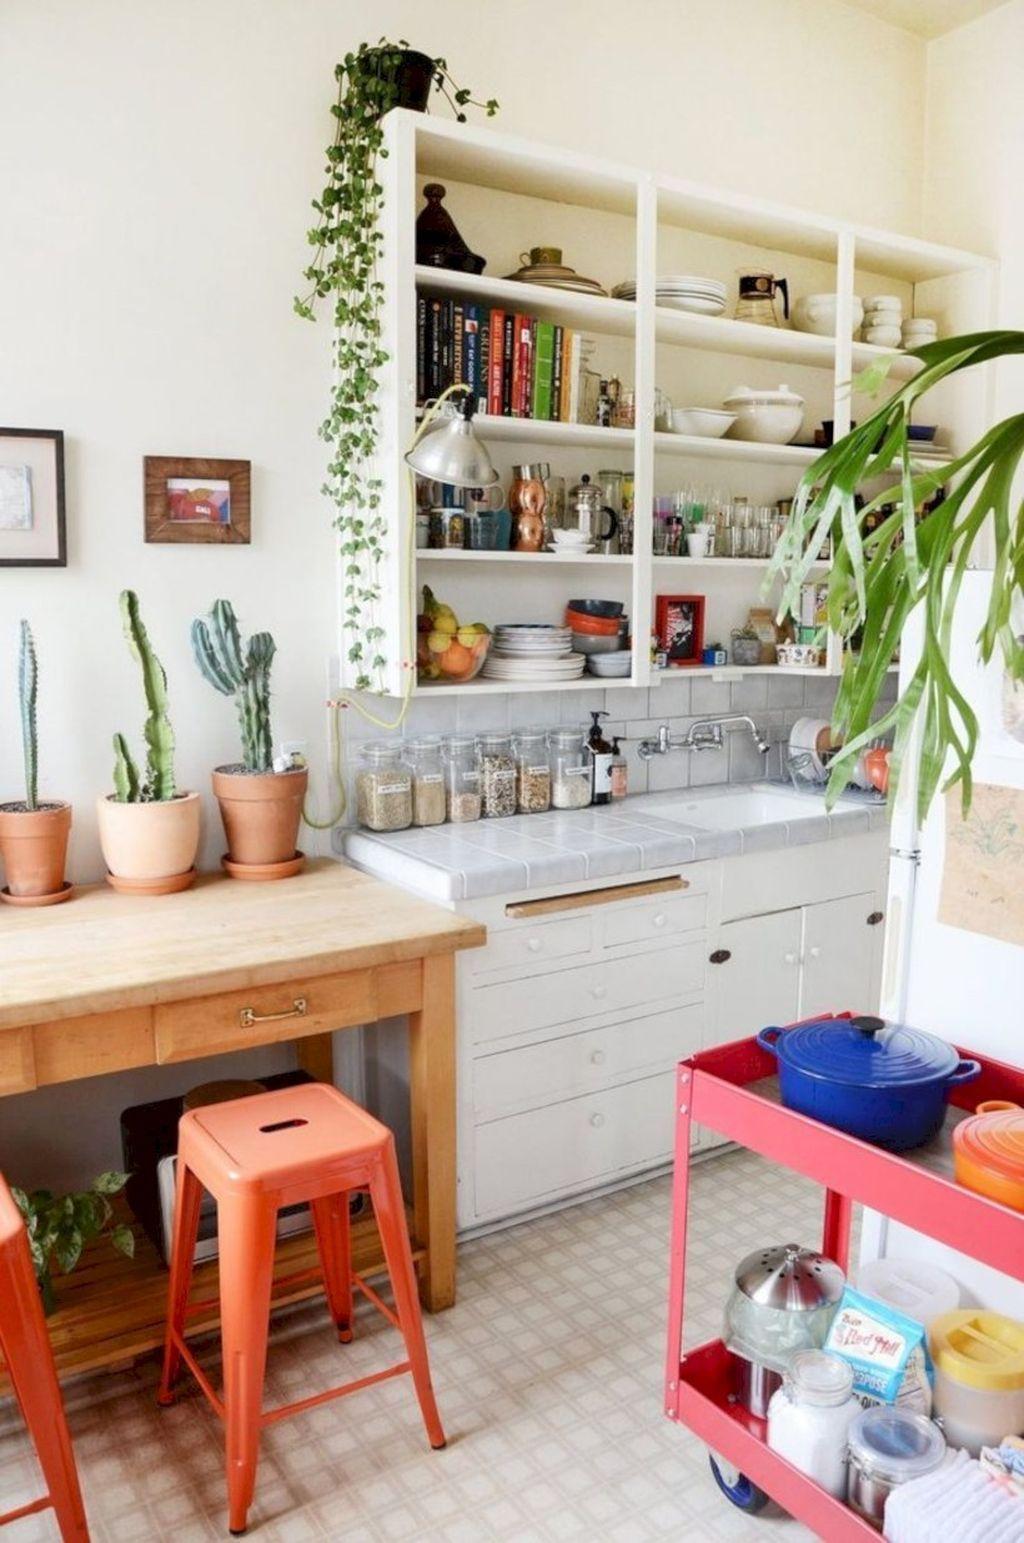 Home interior ideas for apartments  brilliant smart studio apartment decoration ideas  studio